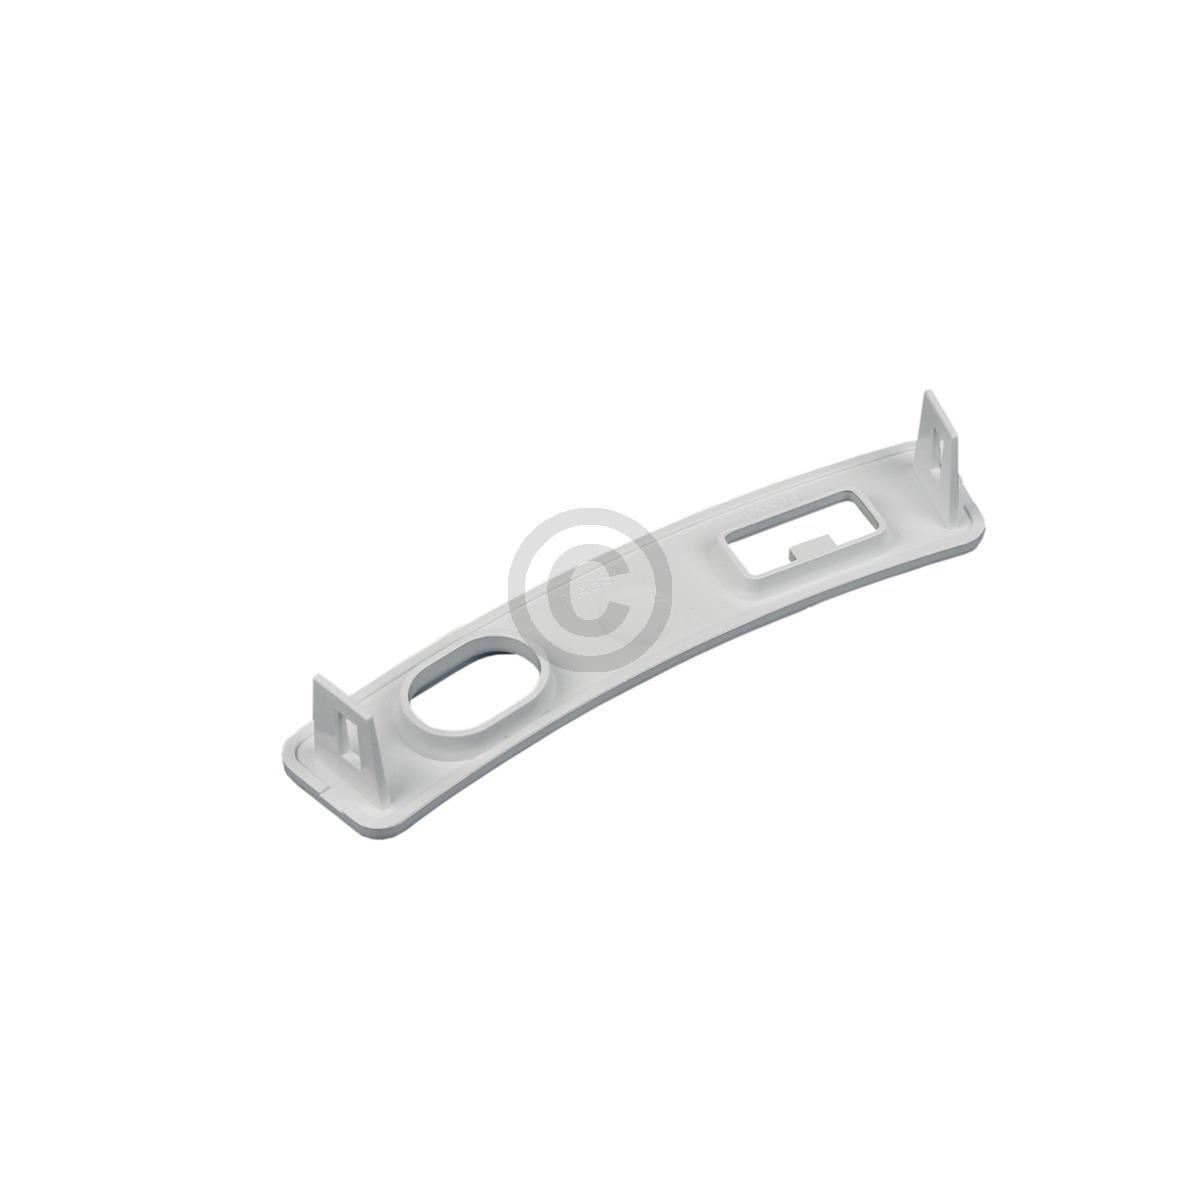 Abdeckung Bosch 00600433 für Türverriegelung Trockner 00622324 622324